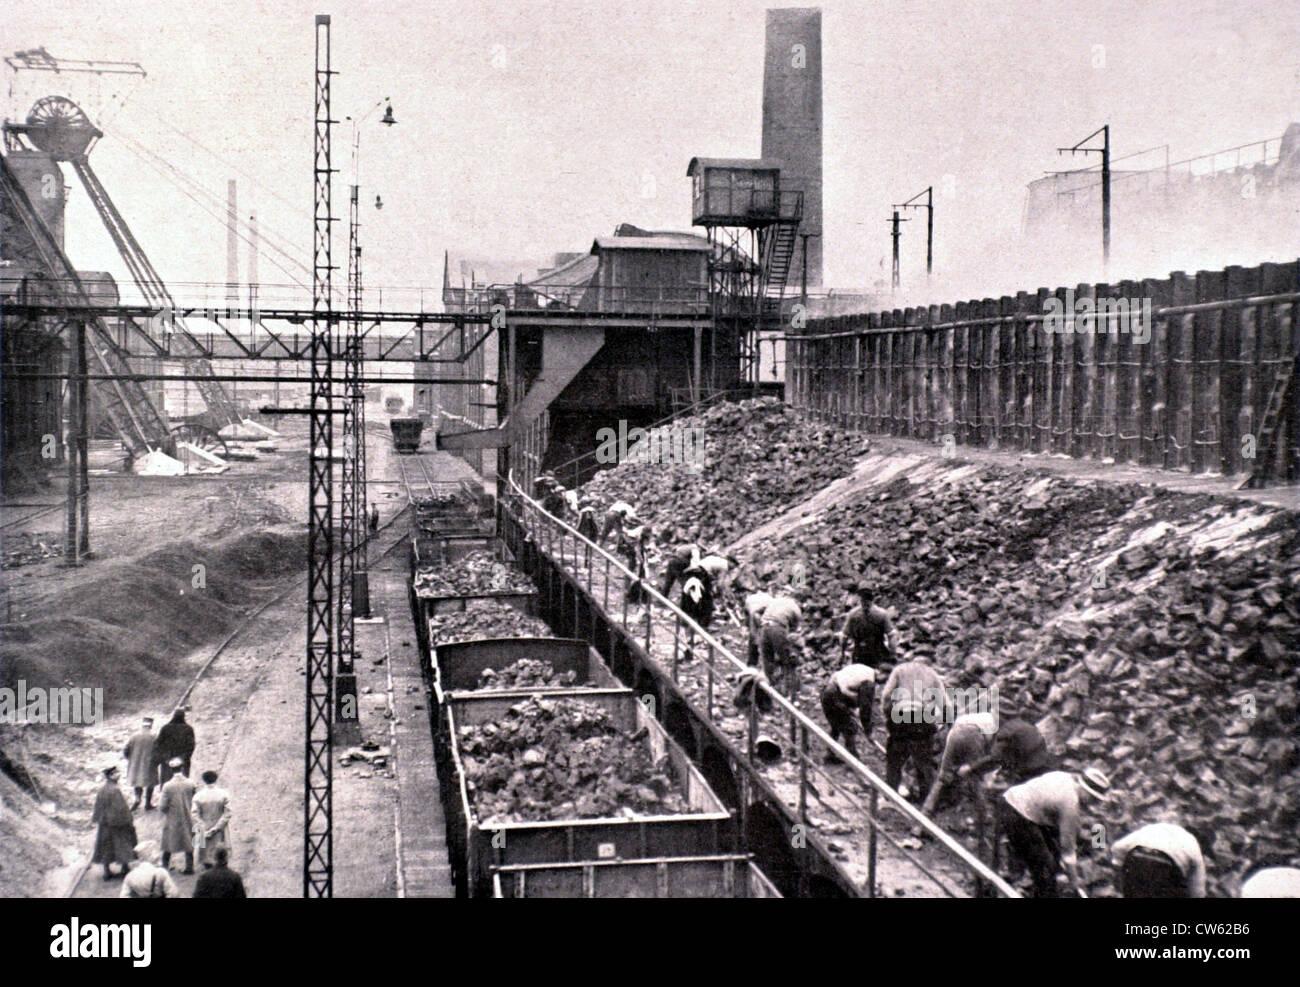 Besetzung Des Ruhrgebietes